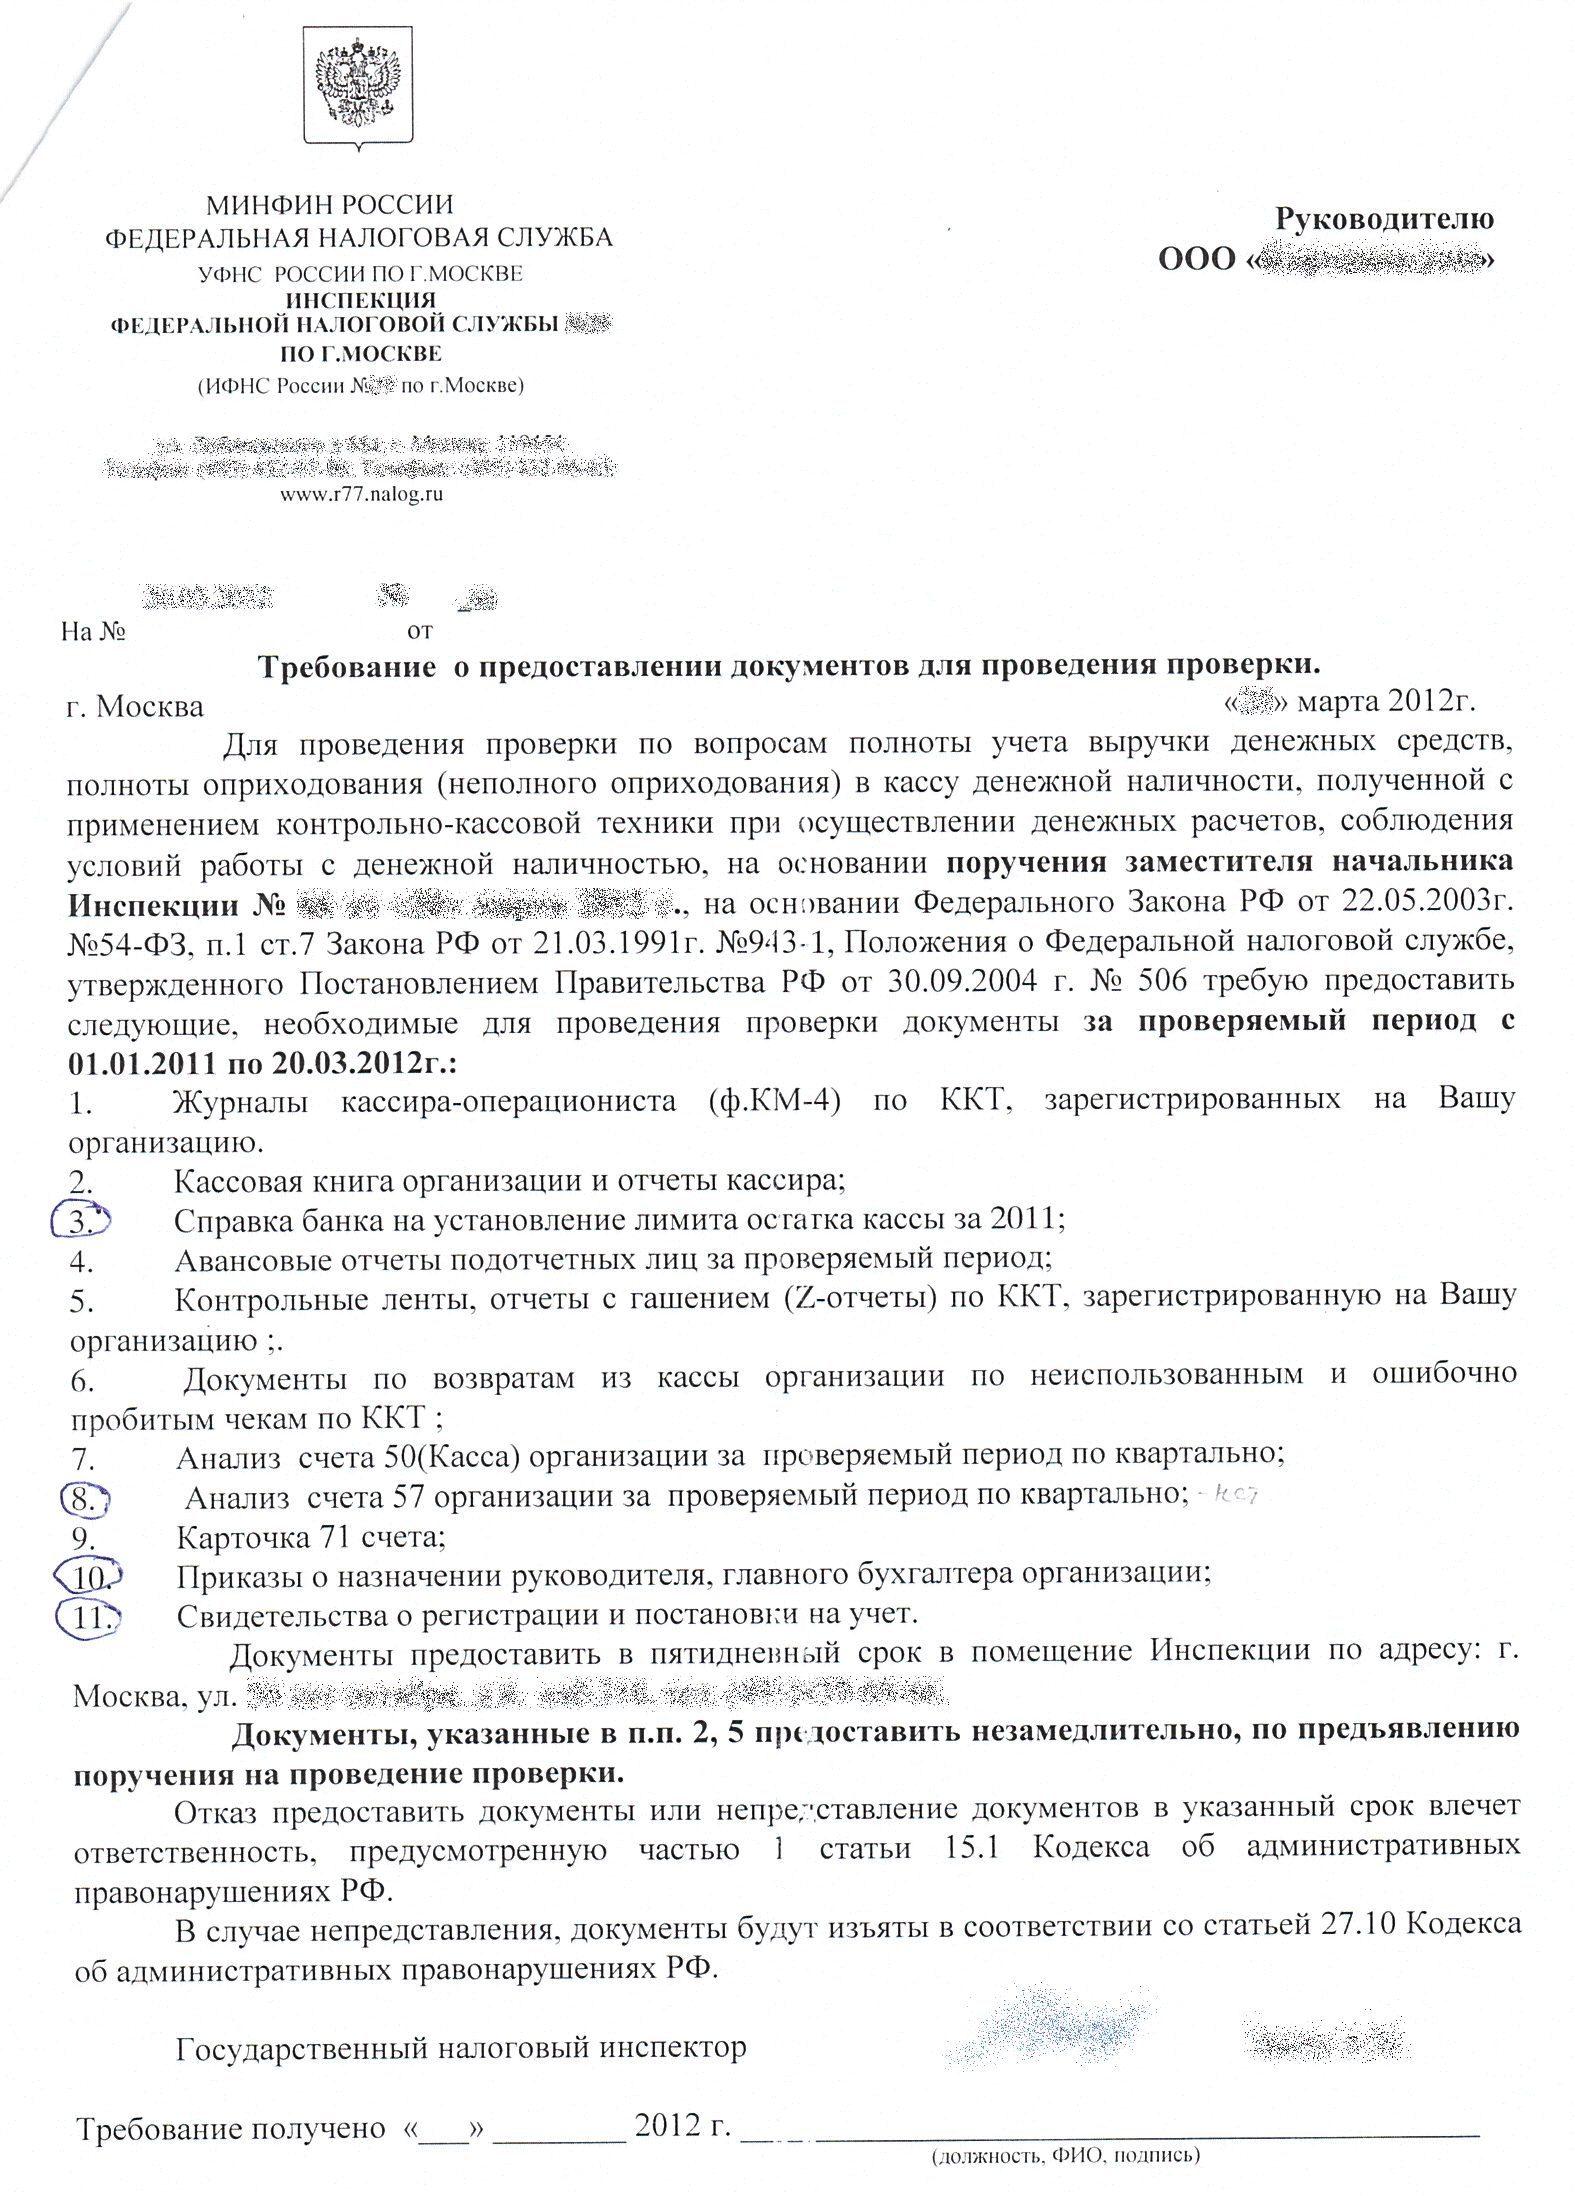 ответ в налоговую на требование о предоставлении документов образец